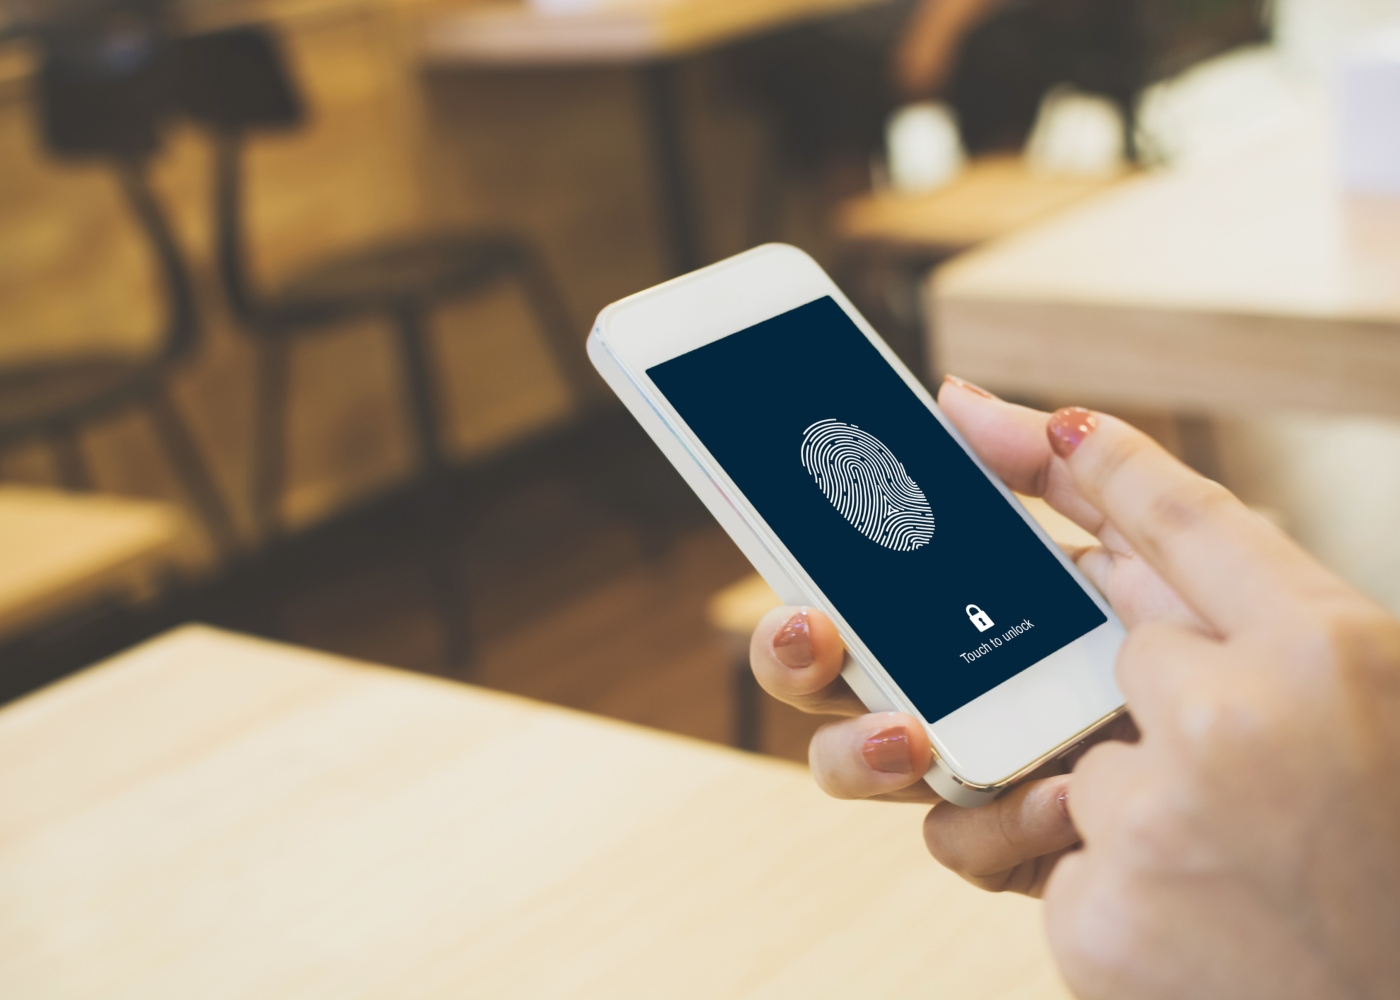 pessoa a desbloquear telefone com impressão digital